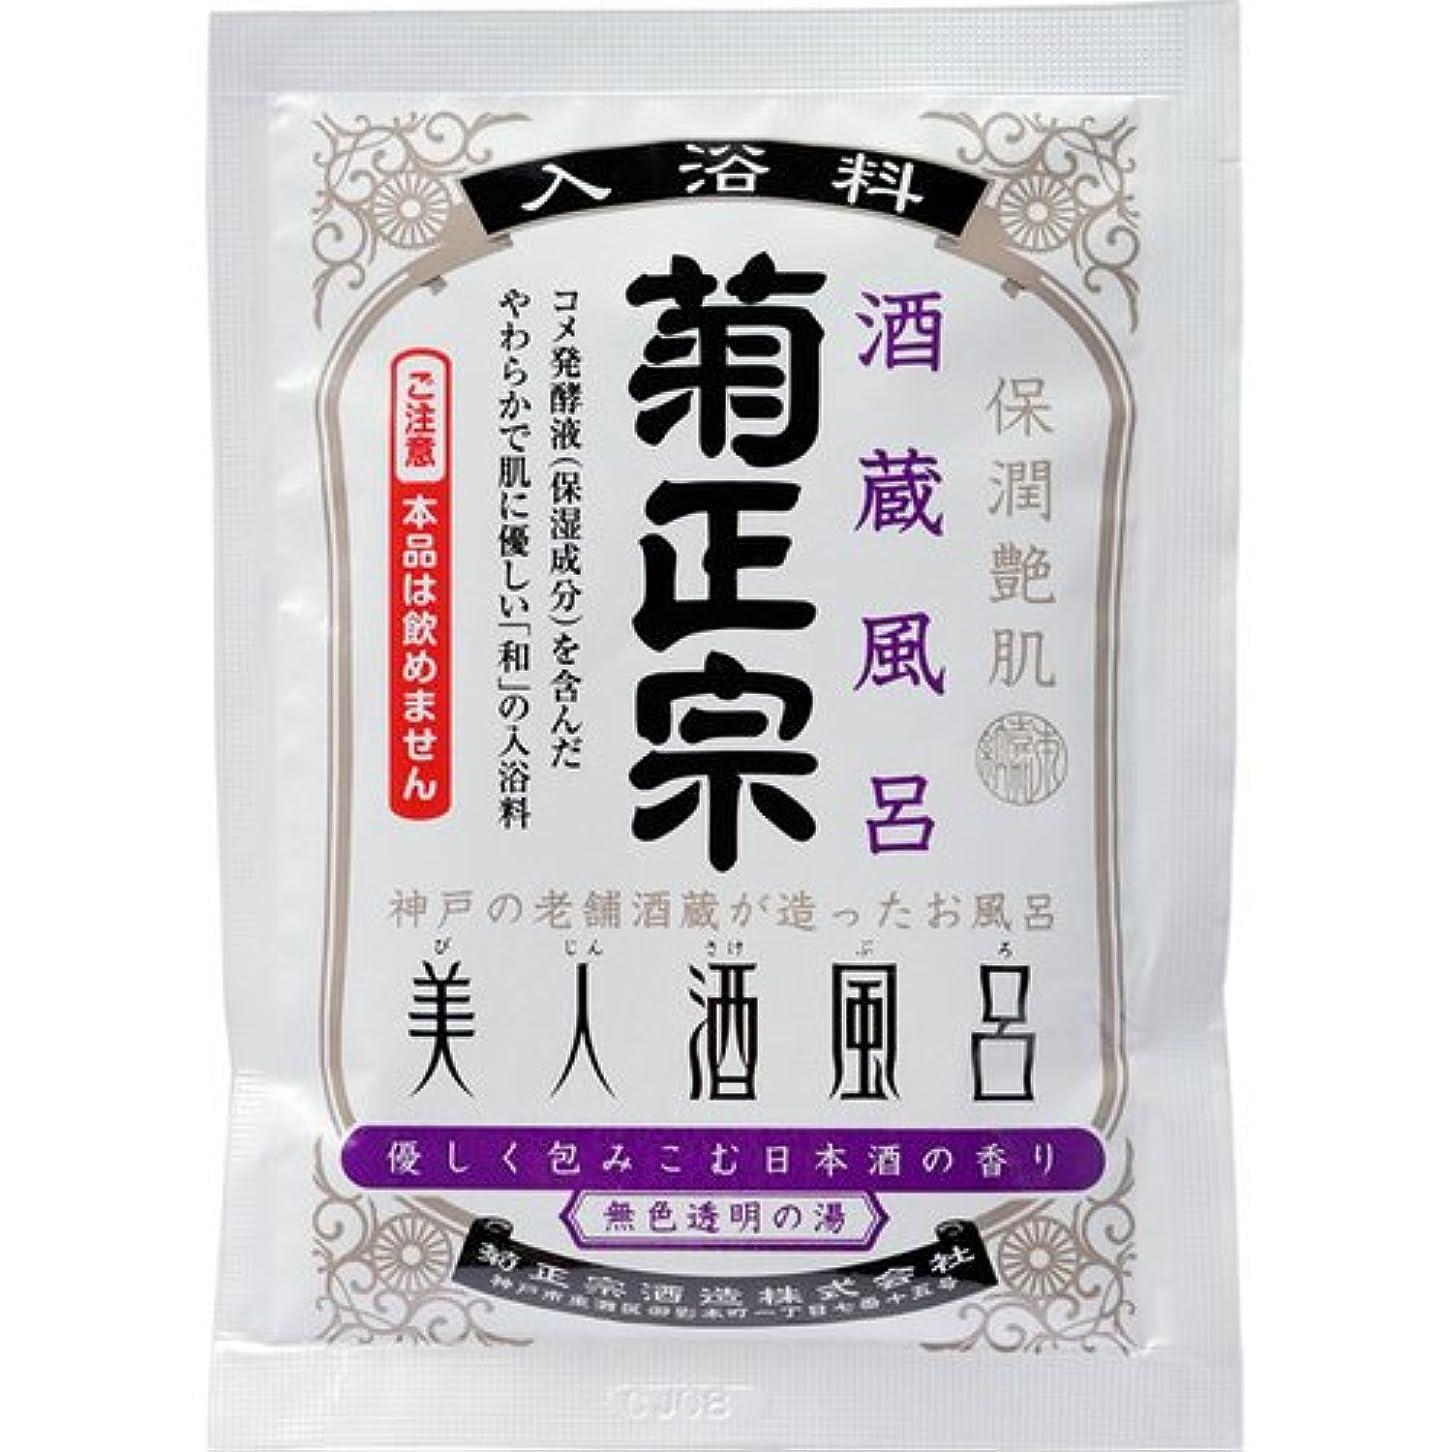 予防接種自伝ワックス美人酒風呂 酒蔵風呂 優しく包みこむ日本酒の香り 60mL